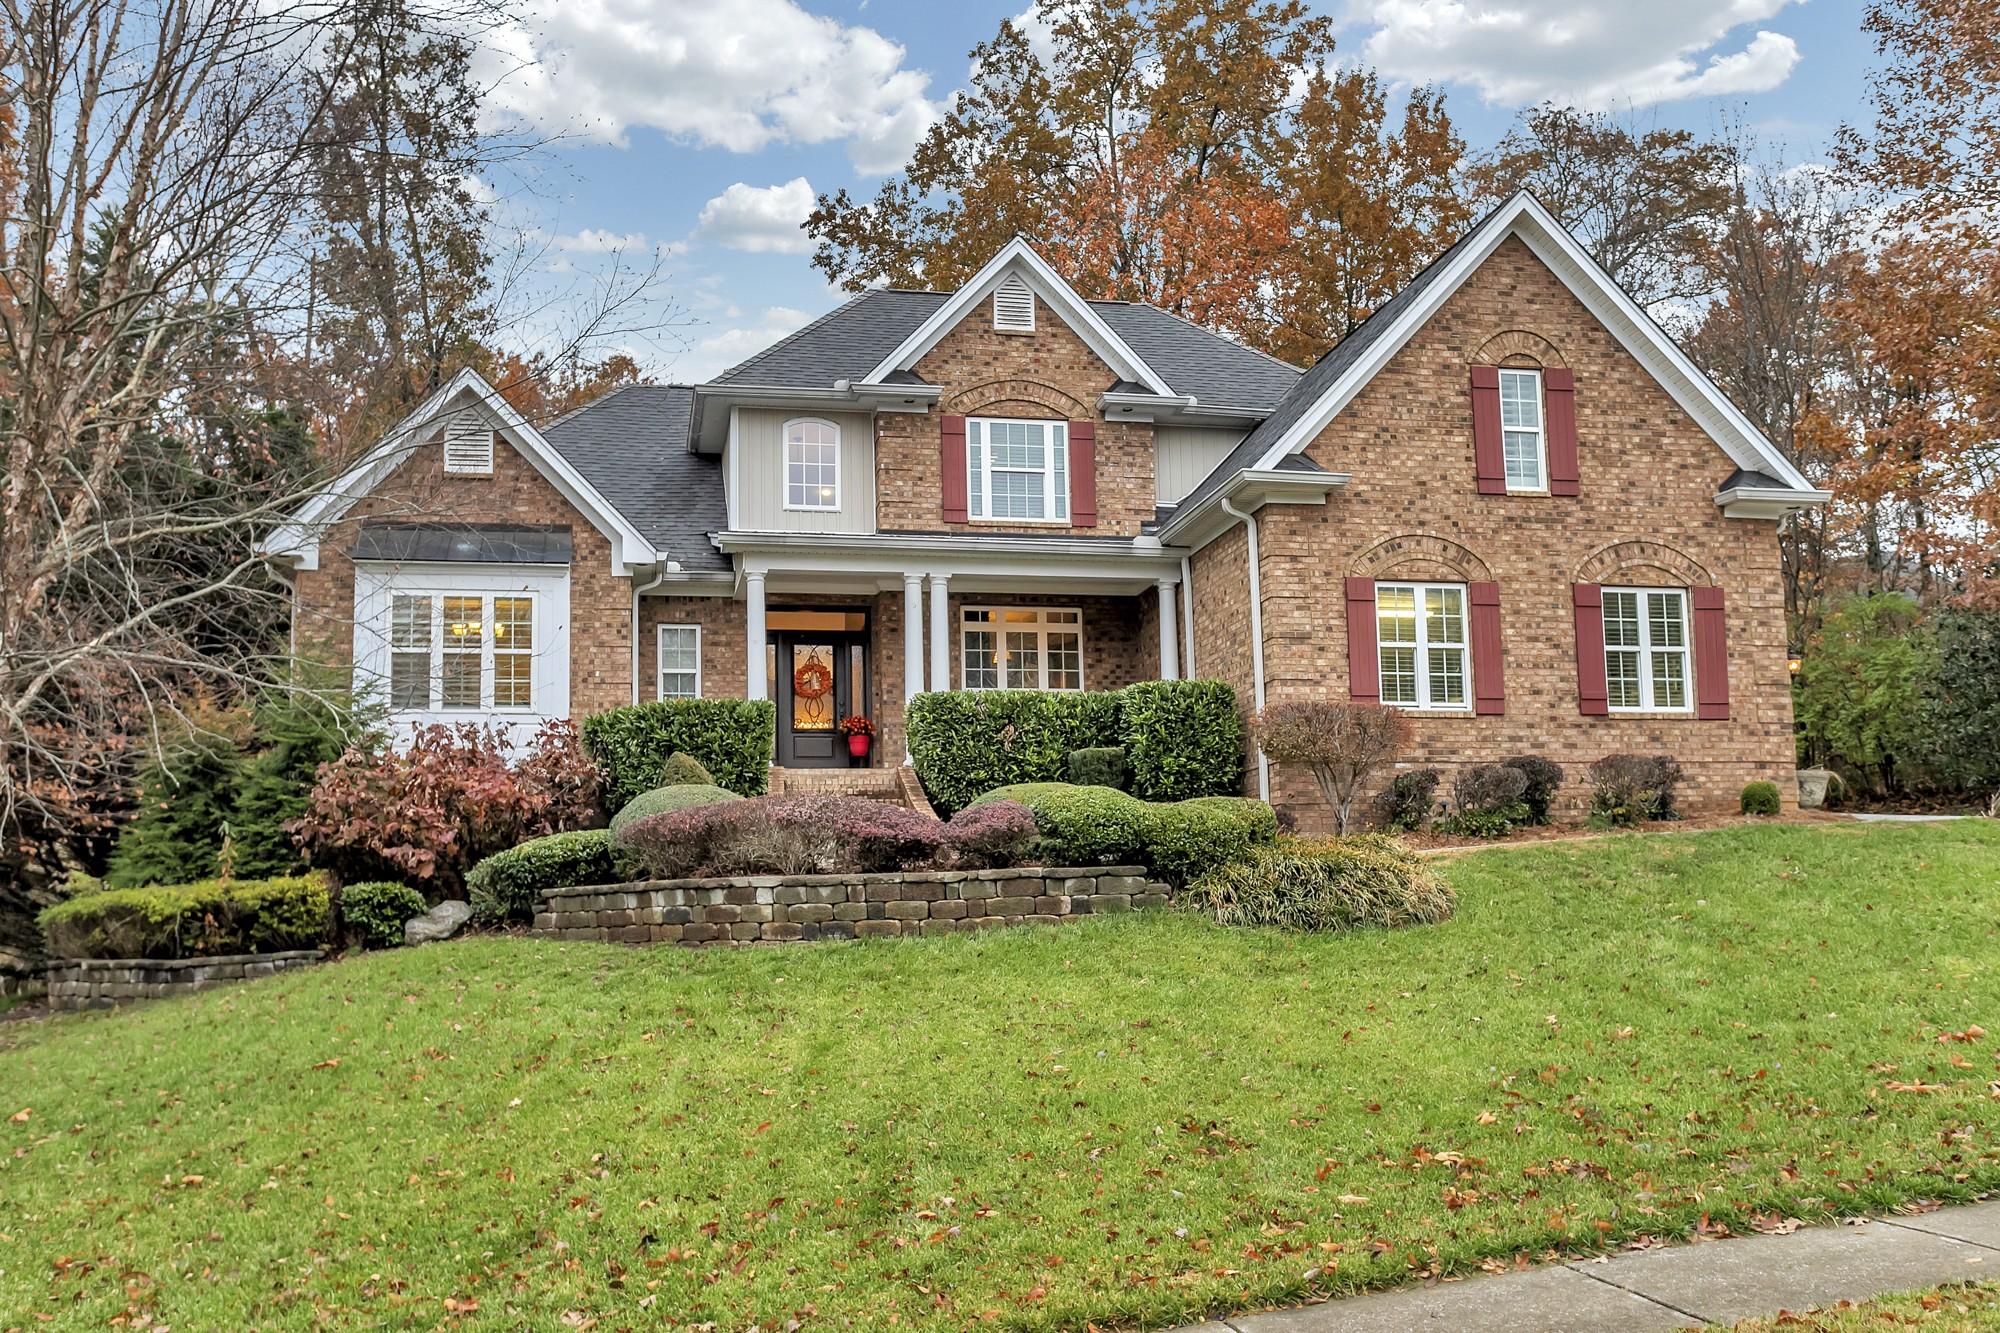 1746 Wrencrest Dr, Mount Juliet, TN 37122 - Mount Juliet, TN real estate listing